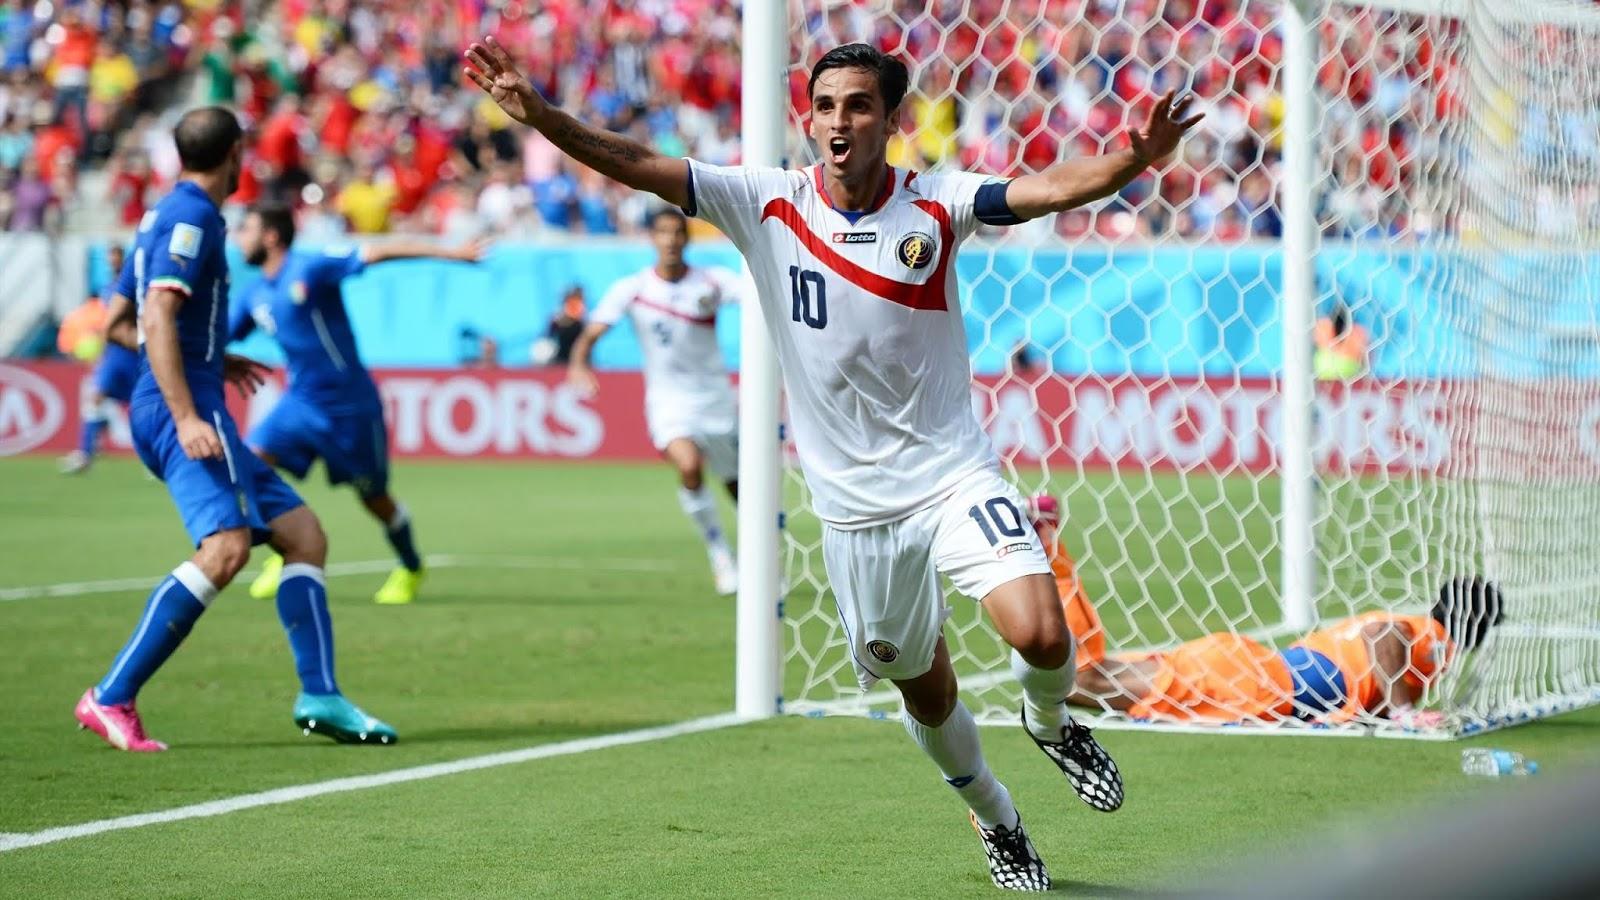 نتيجة مباراة كوستاريكا وأوروجواي بتاريخ 07-09-2019 مباراة ودية